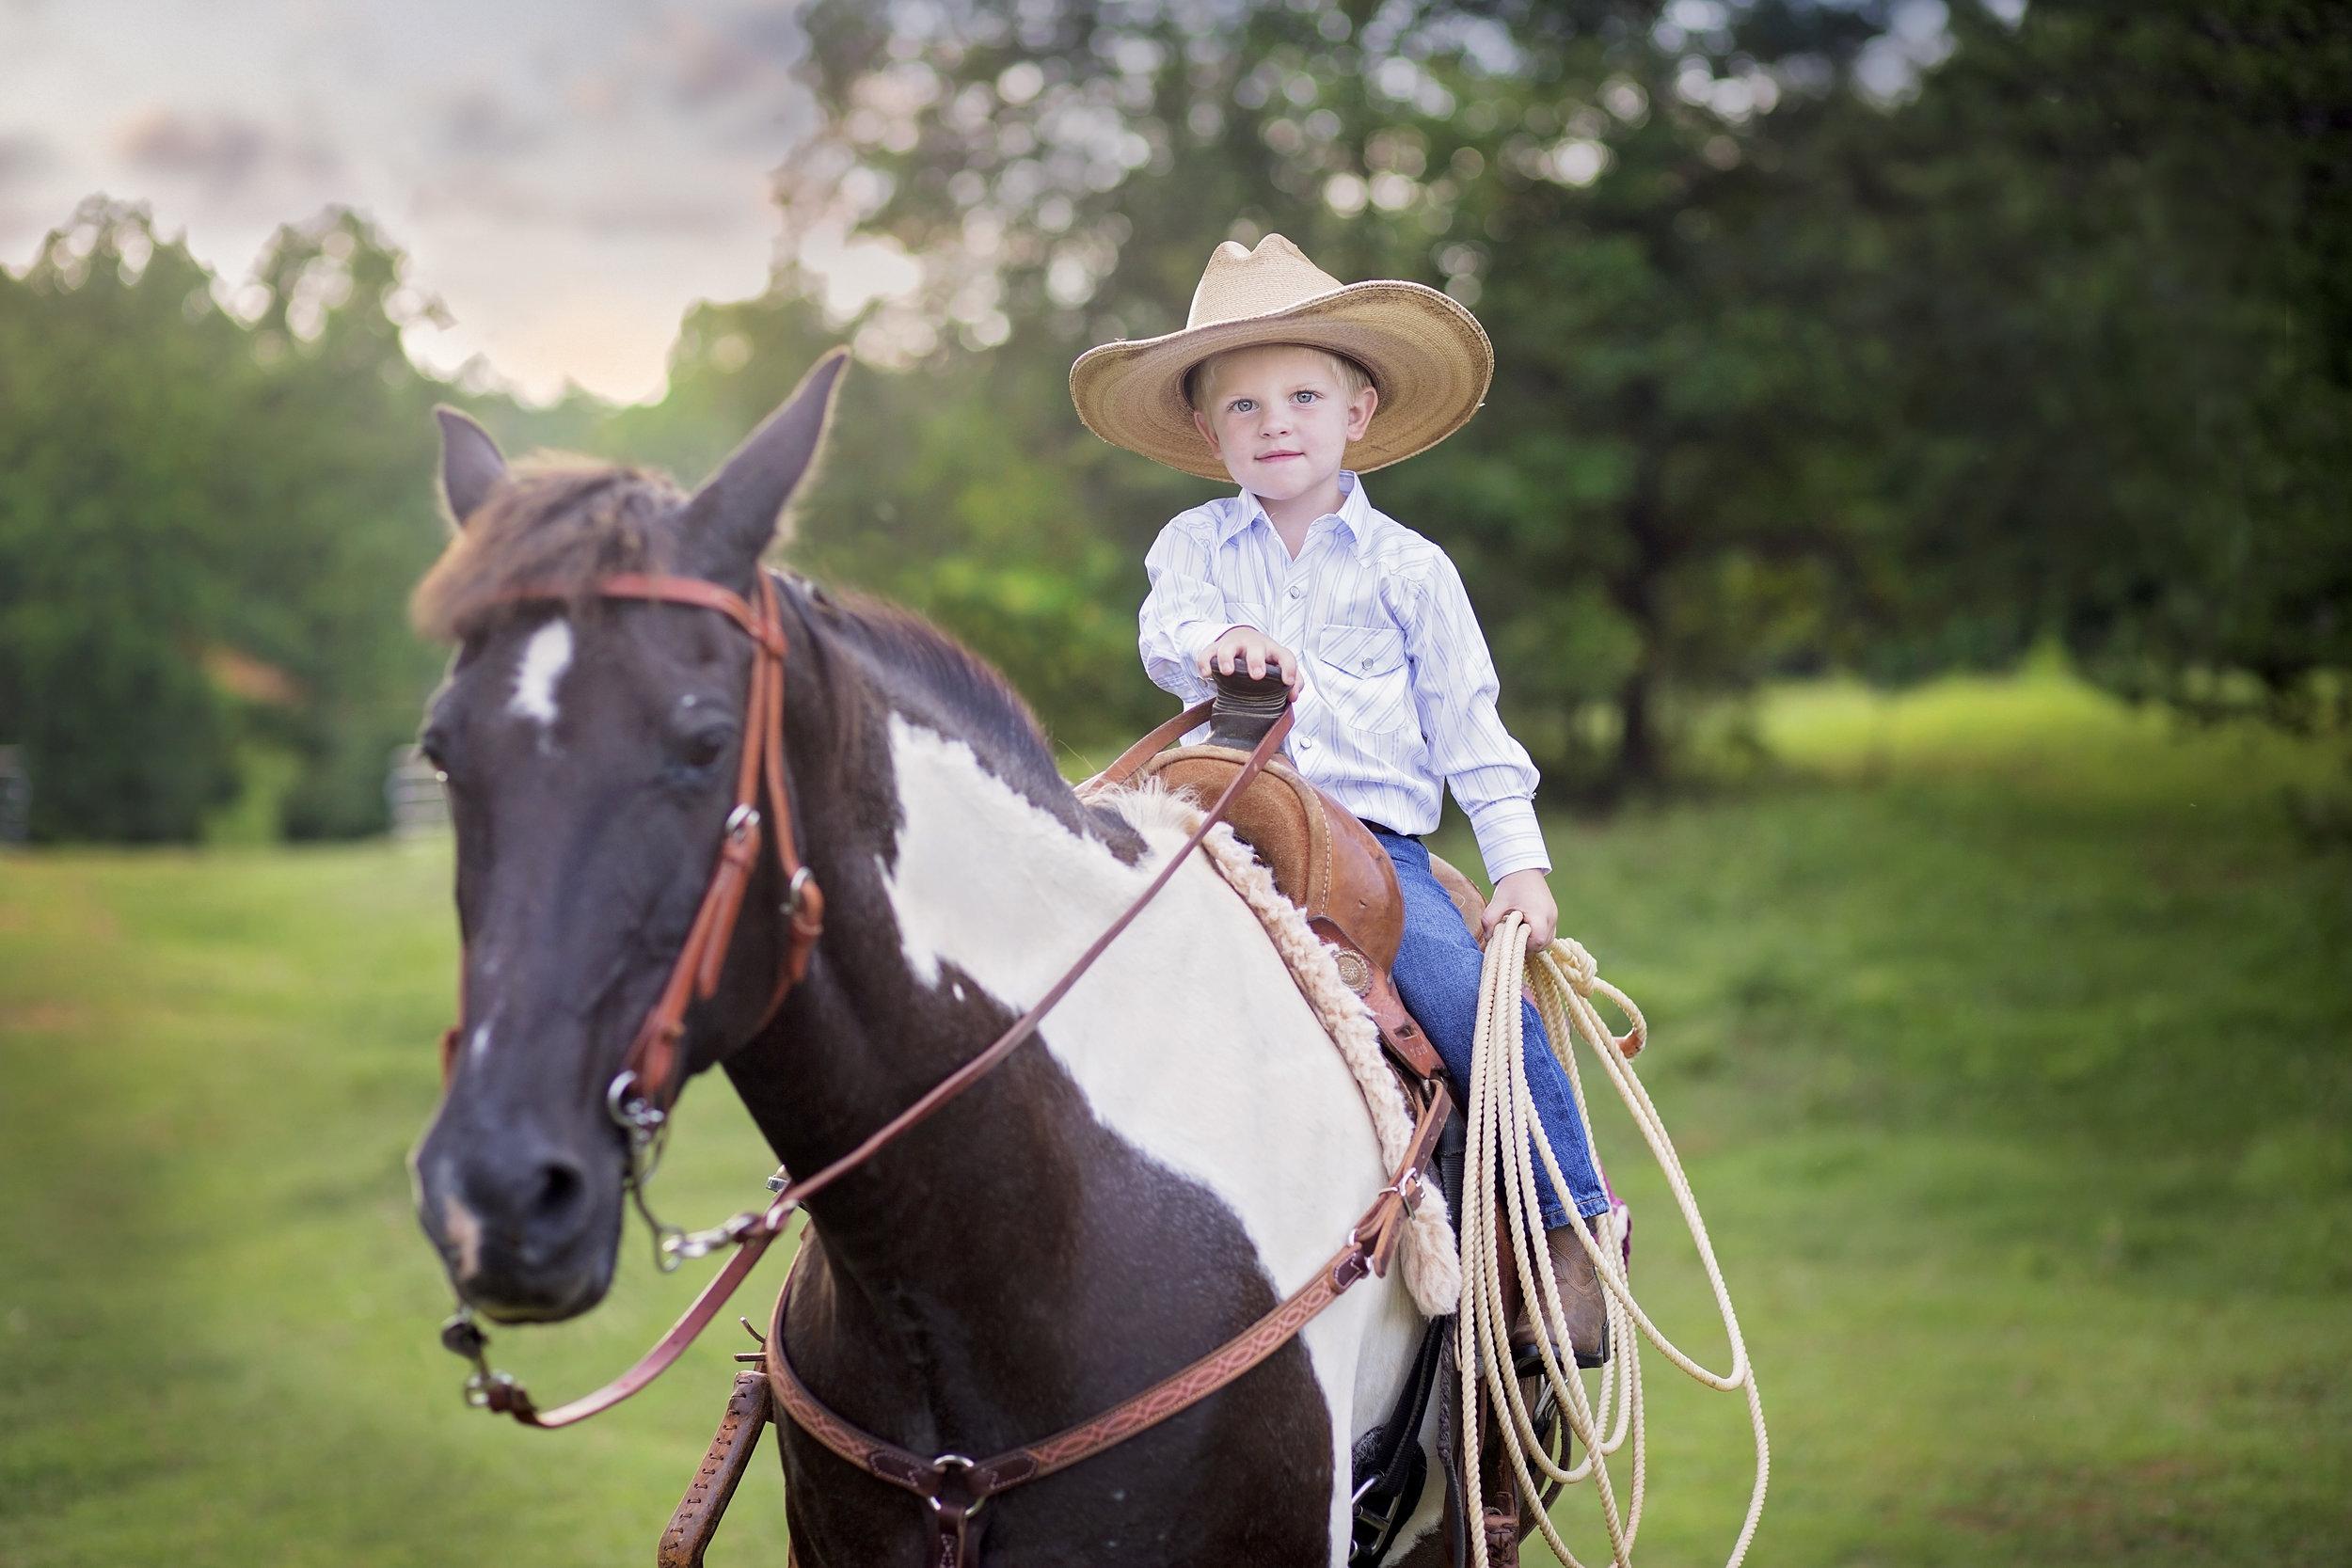 children portraits photographer pickens sc horse cowboy little boy